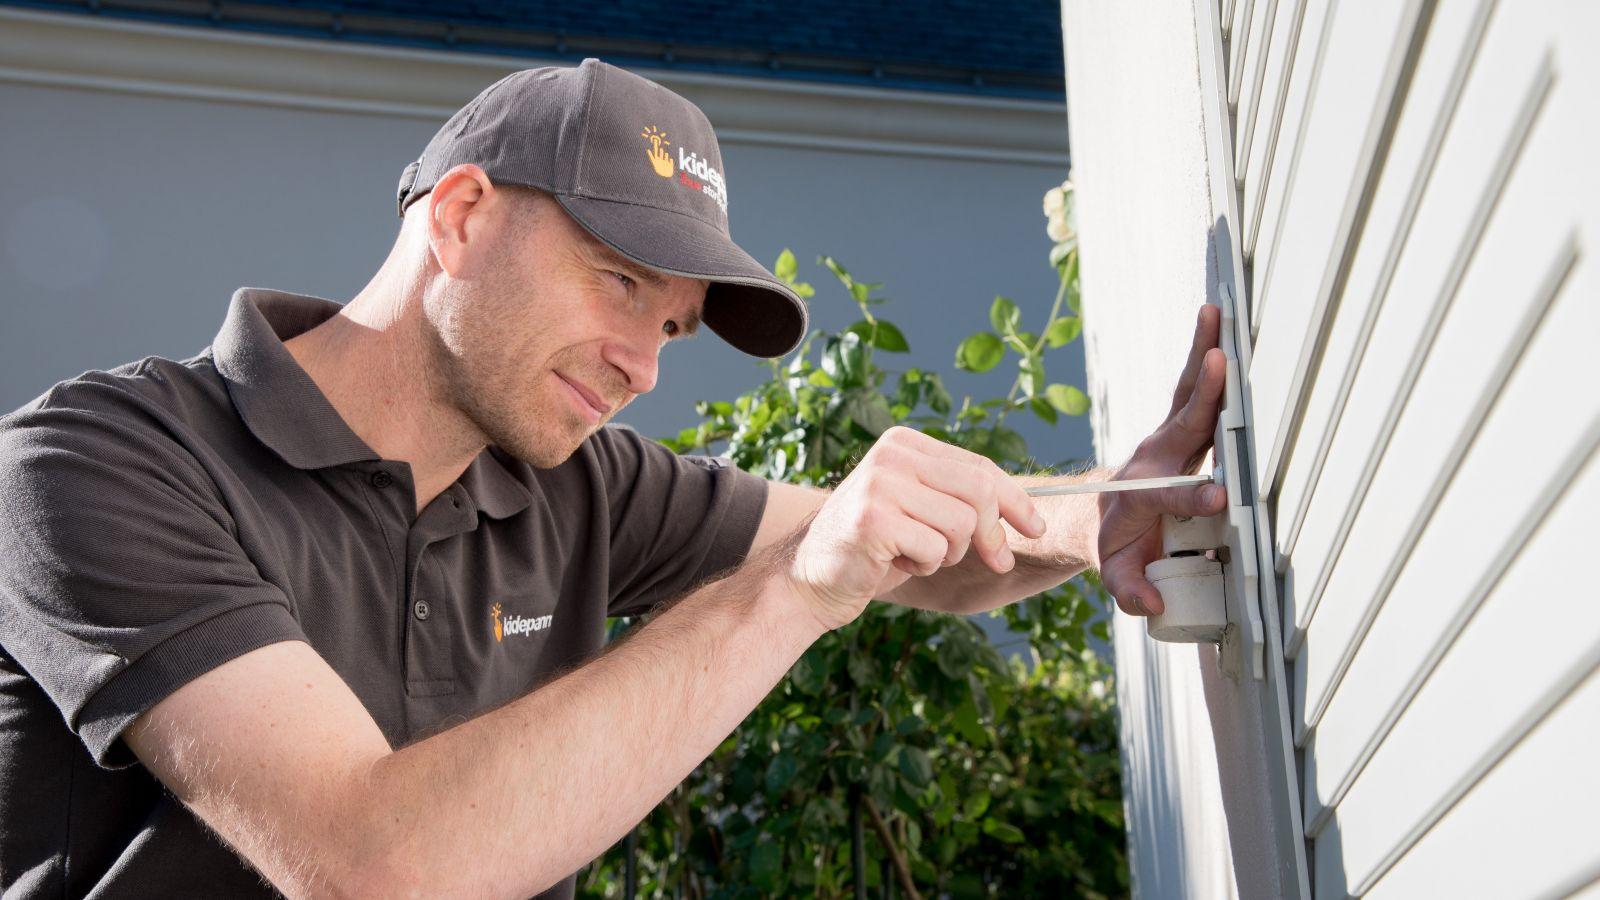 Nettoyer Volet Roulant Vitre Fixe guide - l'entretien et le nettoyage des volets | komilfo